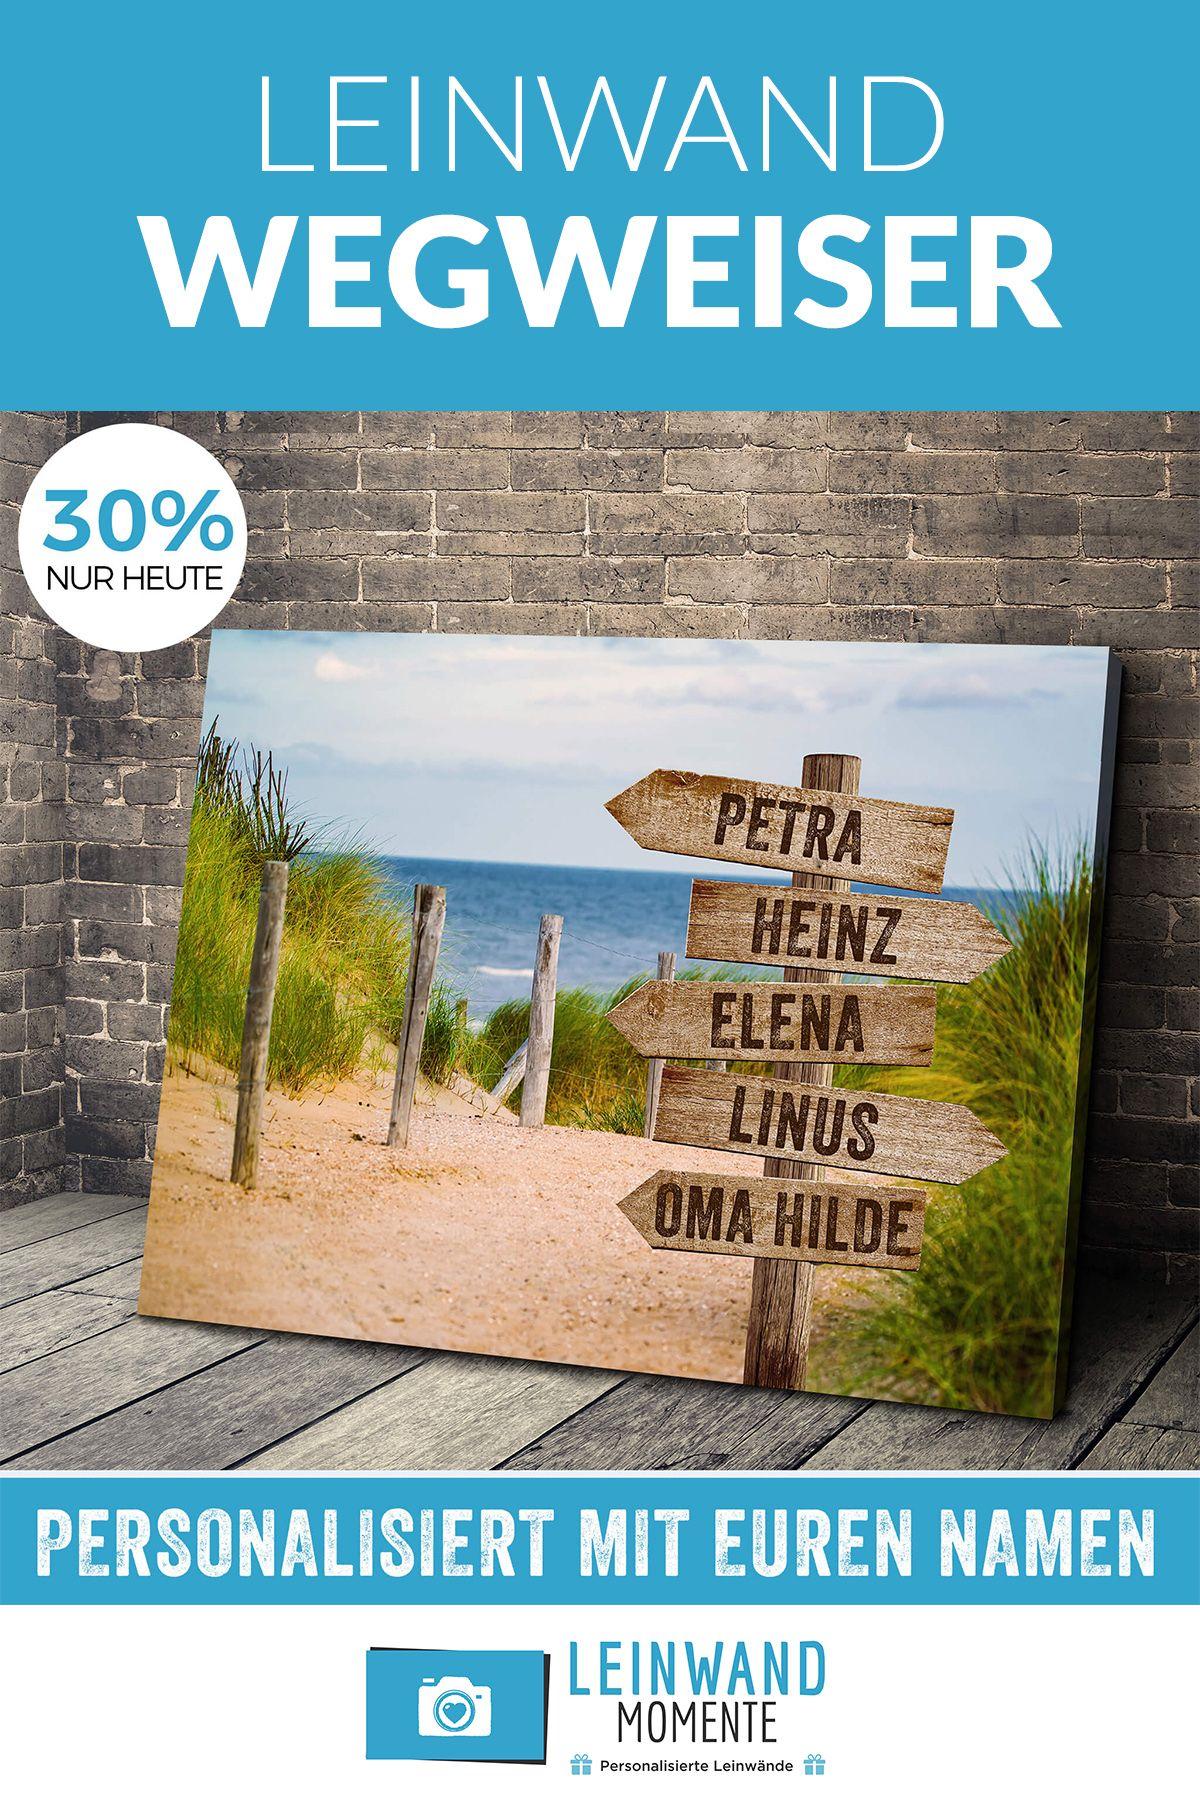 personalisierte leinwand wegweiser waldbilder bilder foto auf 150x100 120x40